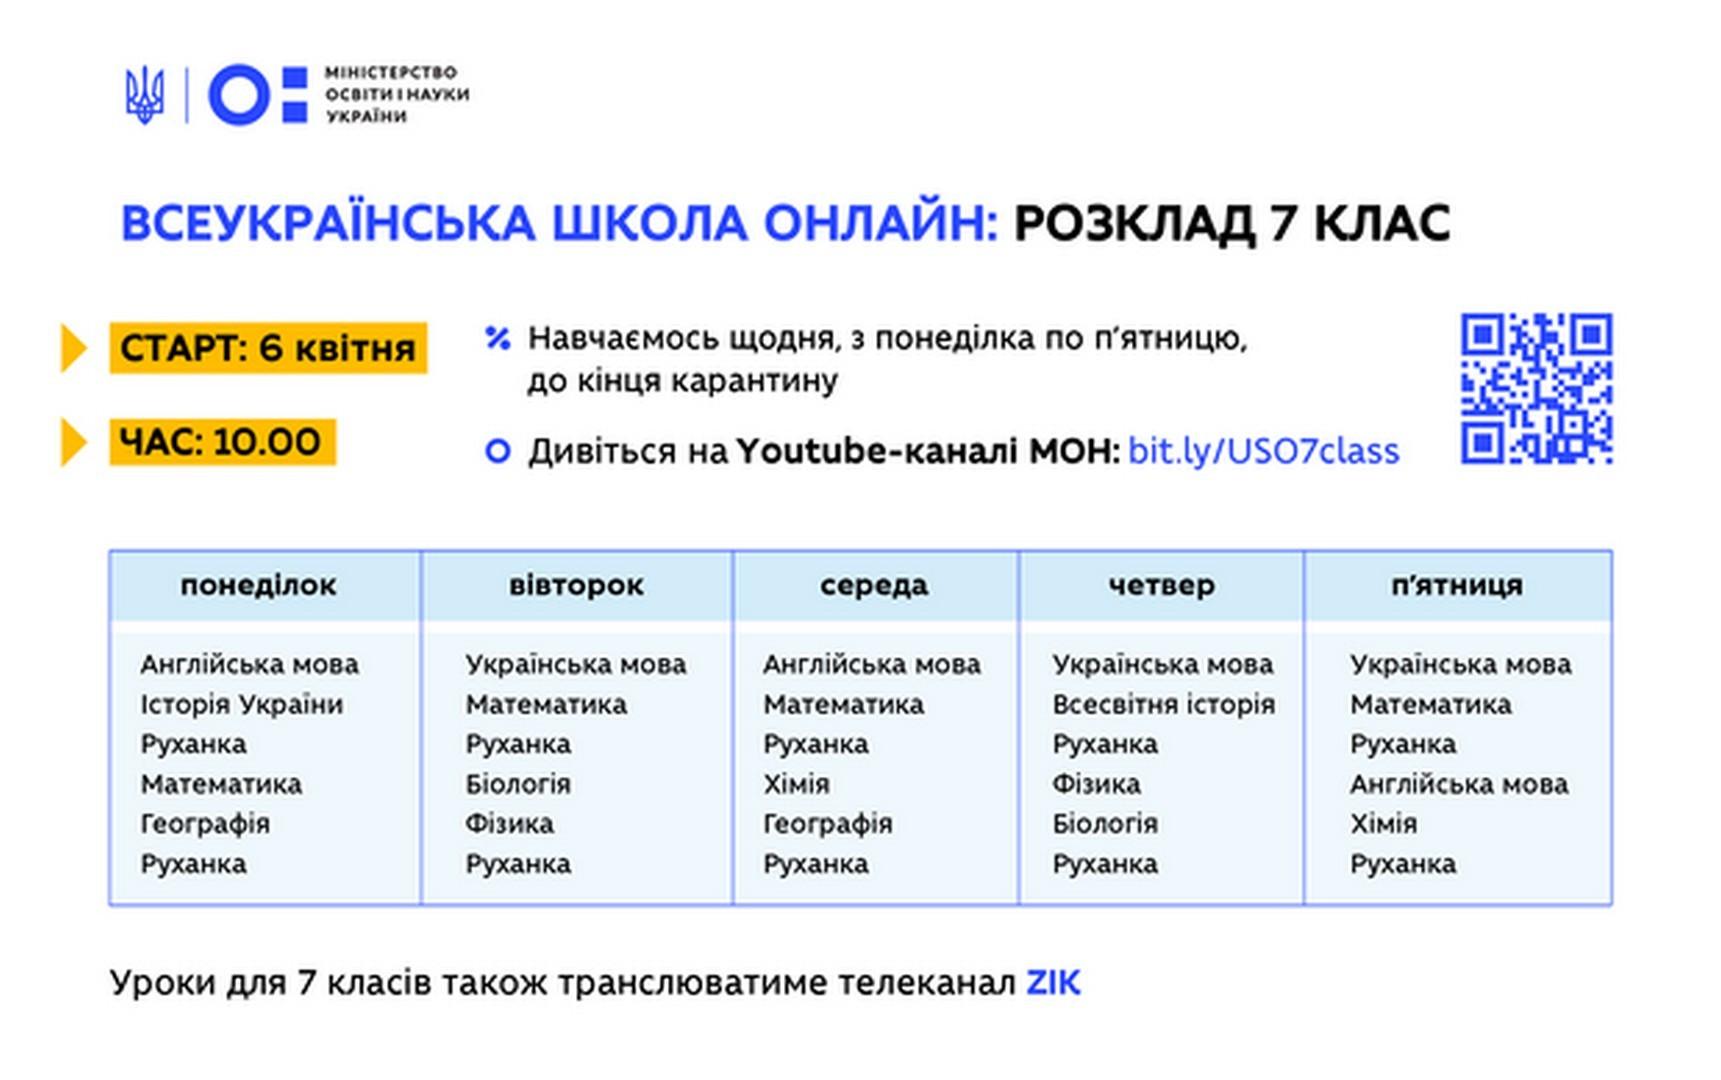 Всеукраїнська школа онлайн: розклад занять